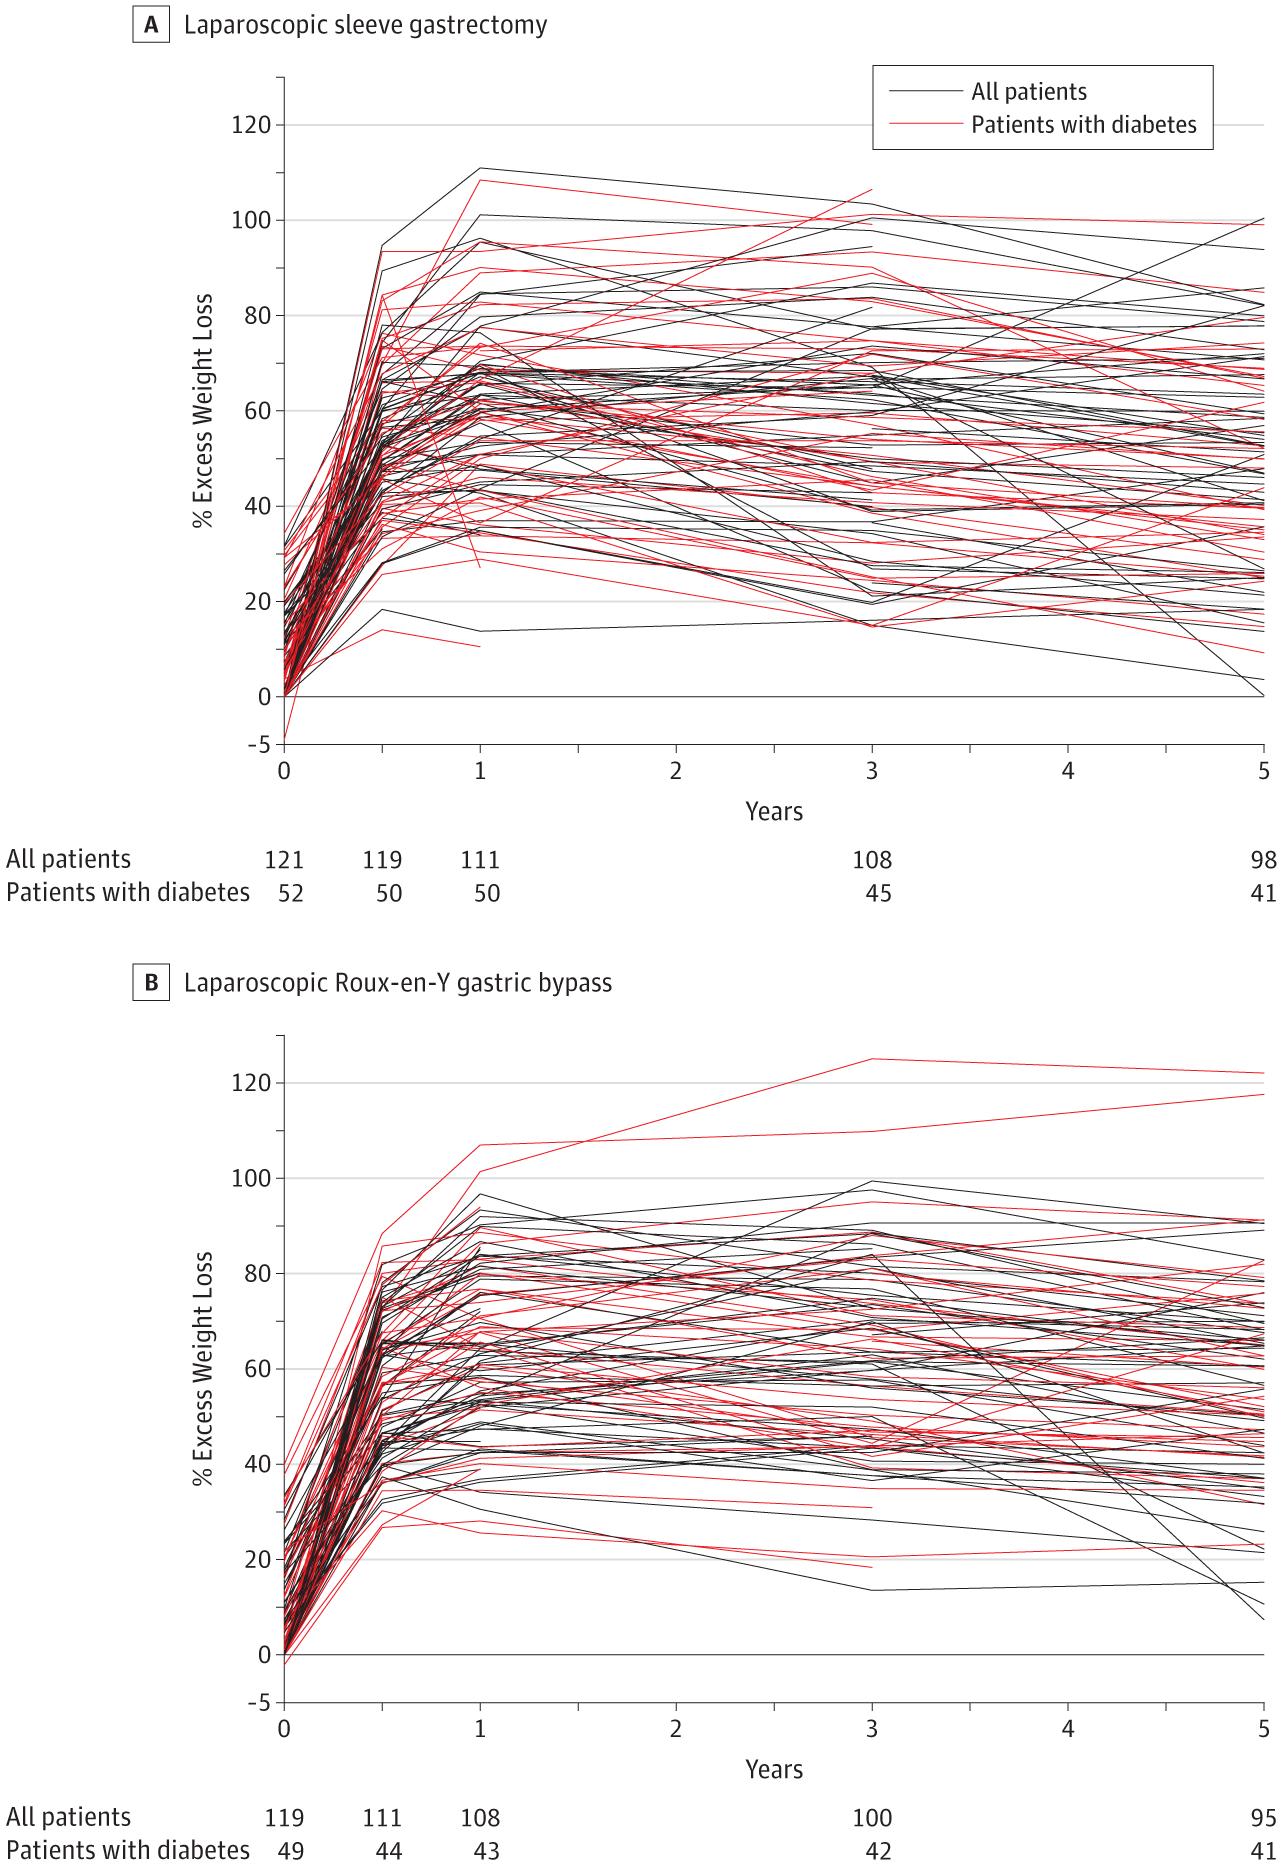 Effect Of Laparoscopic Sleeve Gastrectomy Vs Laparoscopic Roux En Y